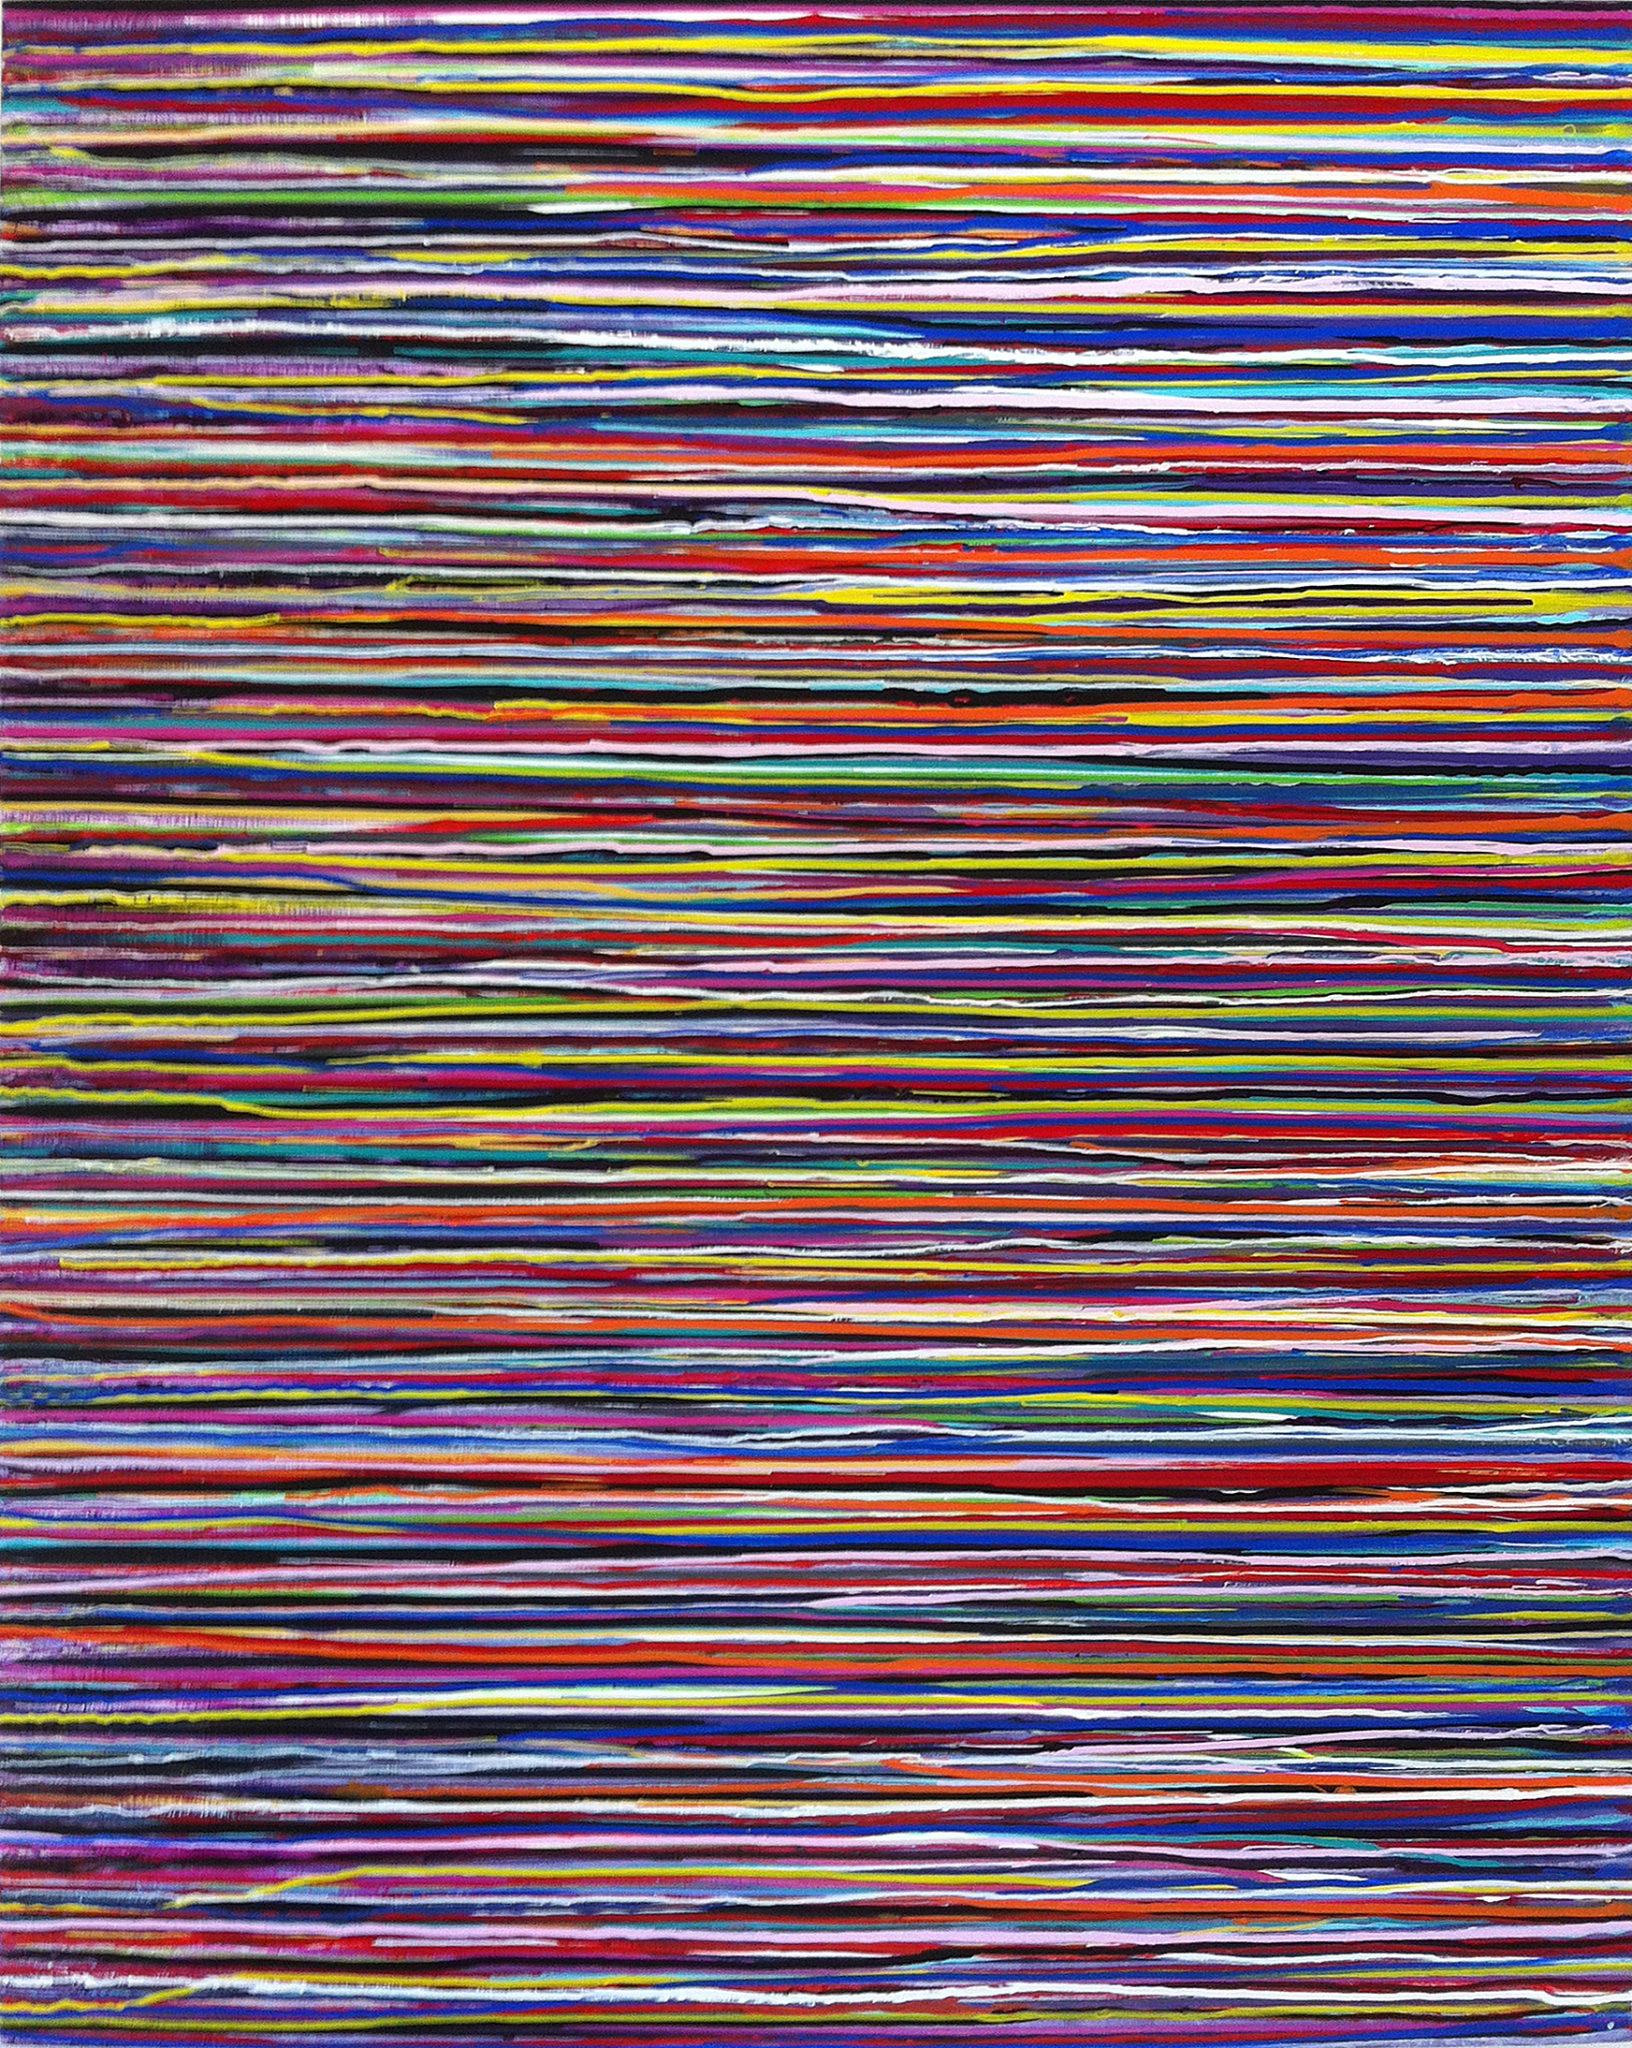 Steven Lavaggi's Striations I